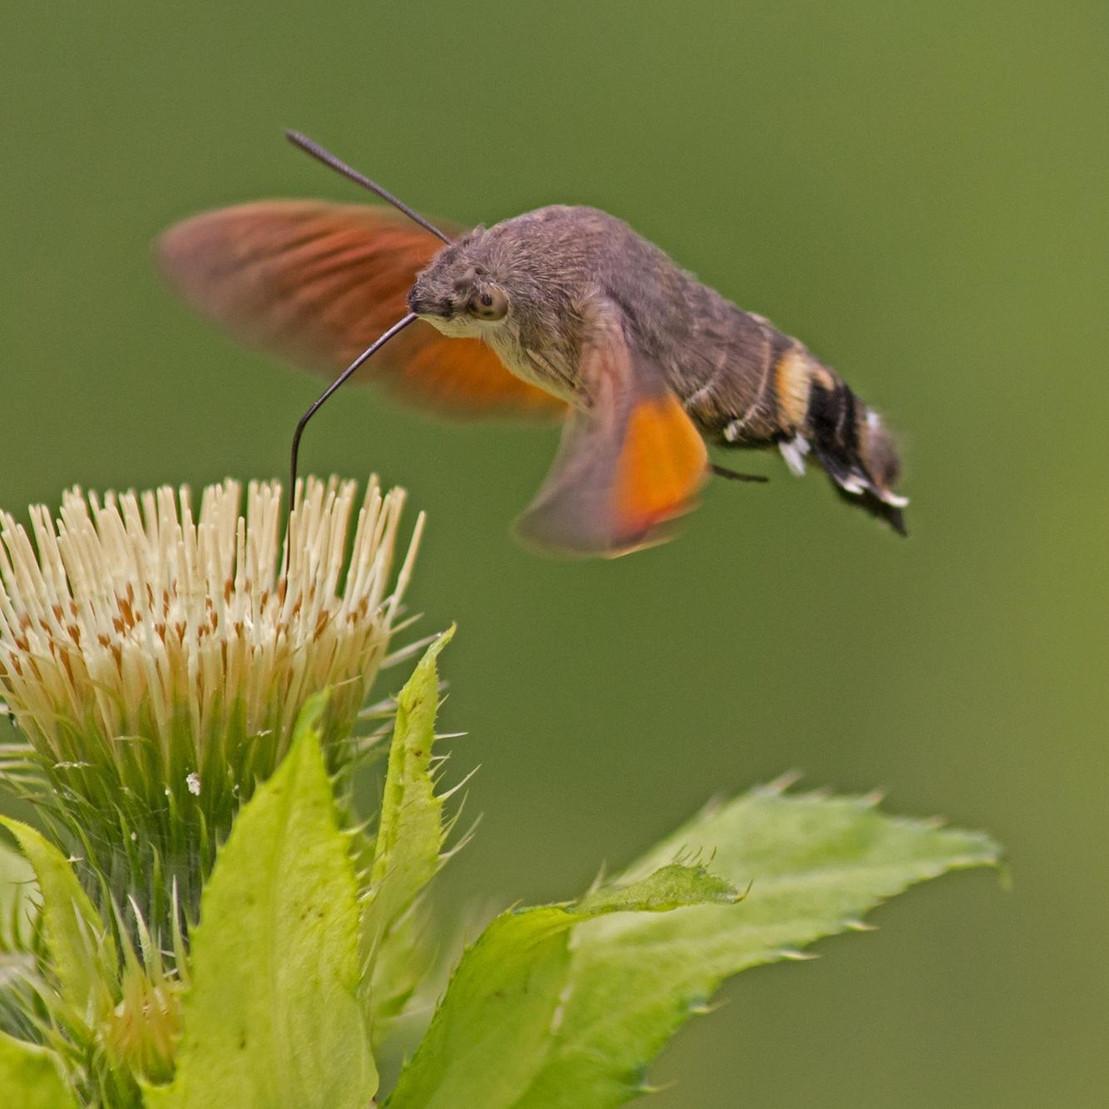 Bedrohte Schmetterlingsart: Taubenschwänzchen